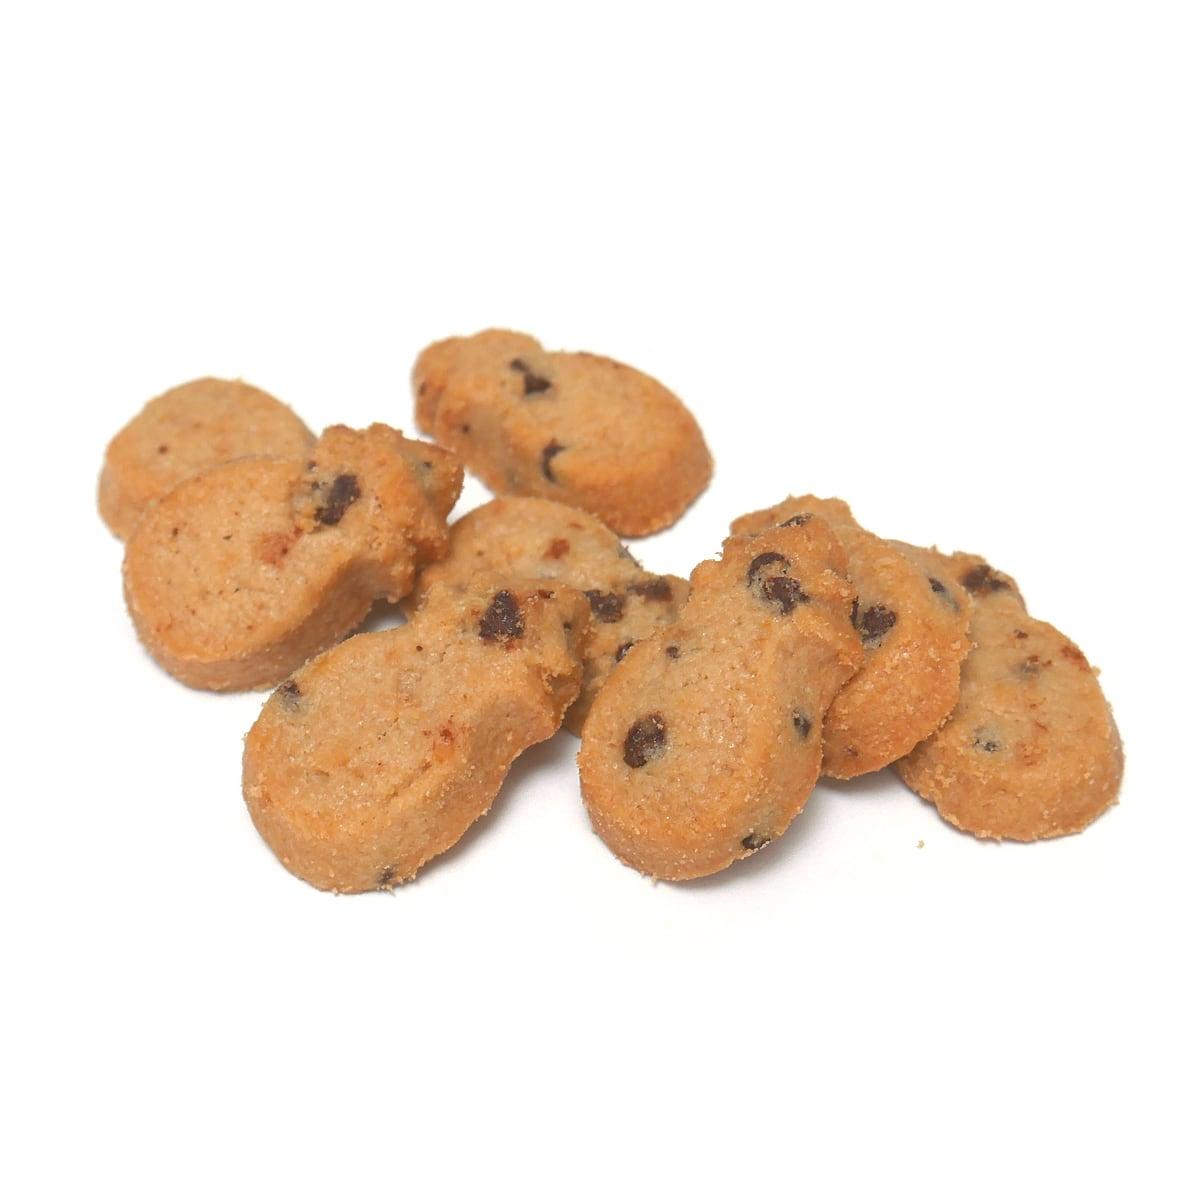 ホノルルクッキーカンパニー ミニバイツ・チョコレートチップマカダミアクッキー(アップ)